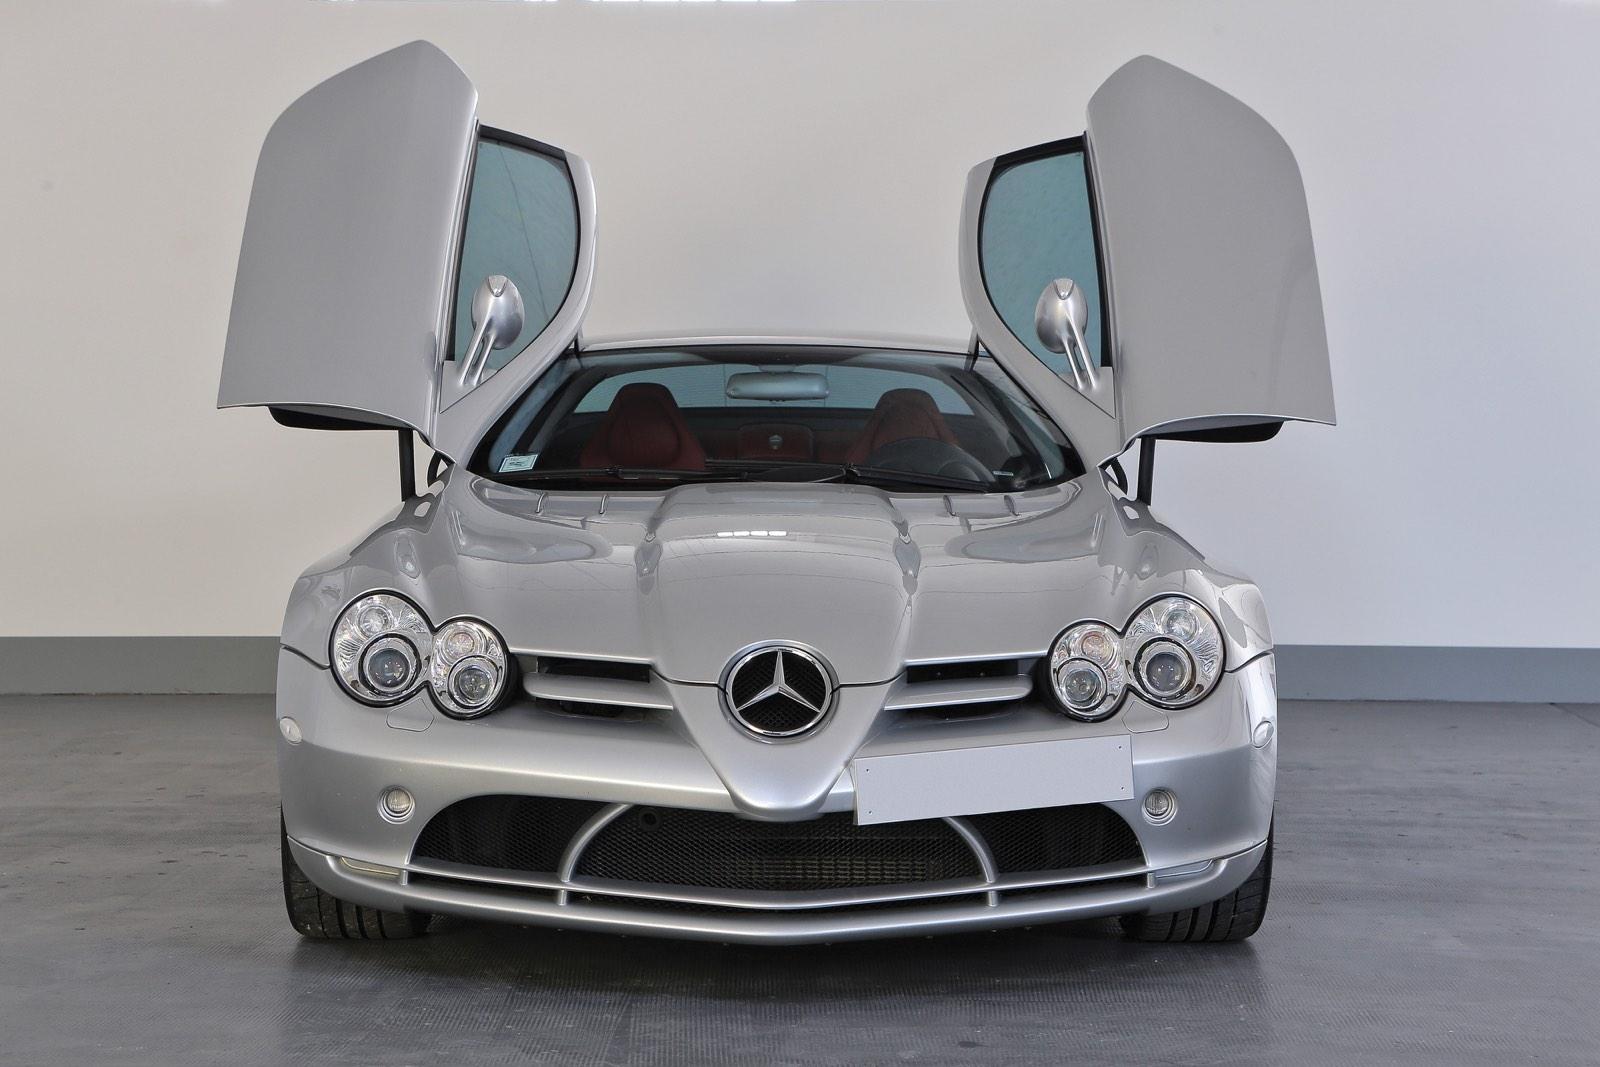 Mercedes-Benz SLR McLaren Doors Up